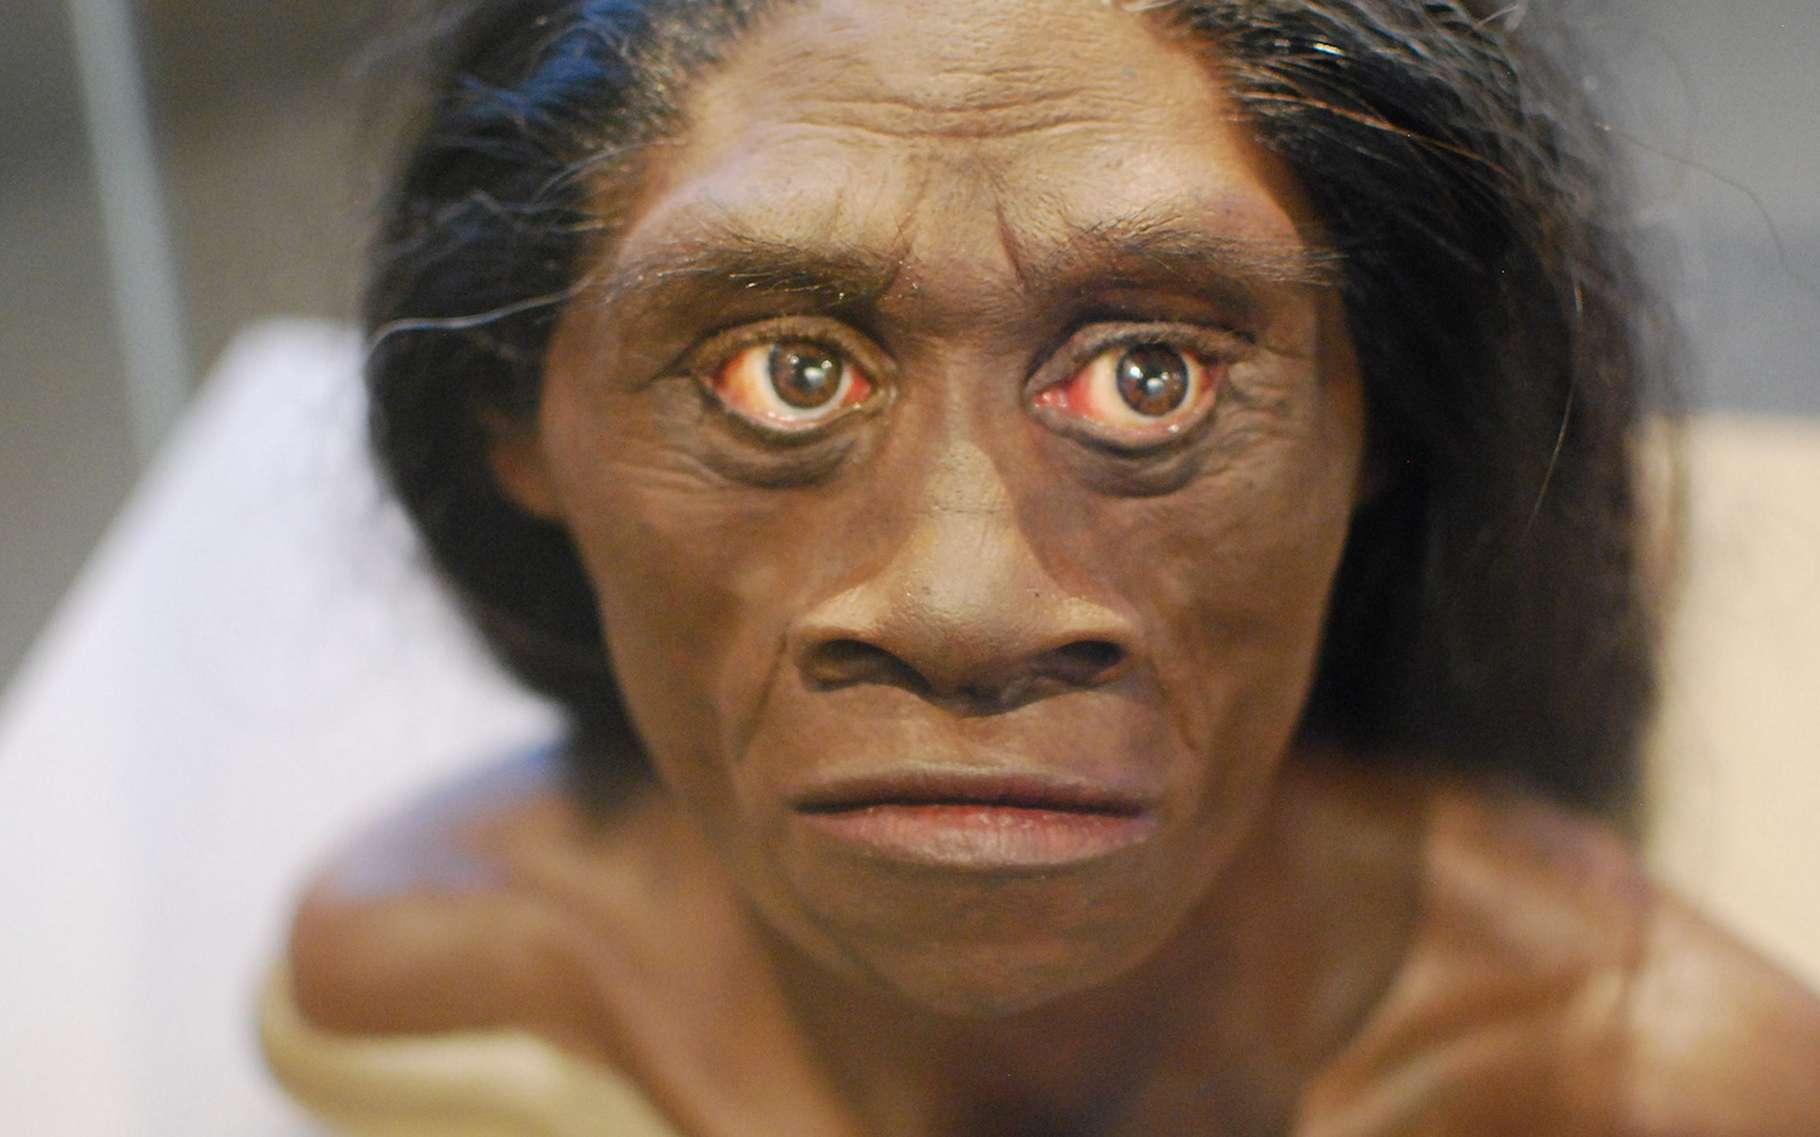 L'Homme de Florès – dont on découvre ici une reconstitution – n'aurait pas de lien avec les pygmées qui vivent actuellement sur l'île indonésienne. Une preuve, selon les chercheurs, que la vie insulaire favorise l'émergence d'hommes de taille modeste. © Karen Neoh, Flickr, CC by 2.0